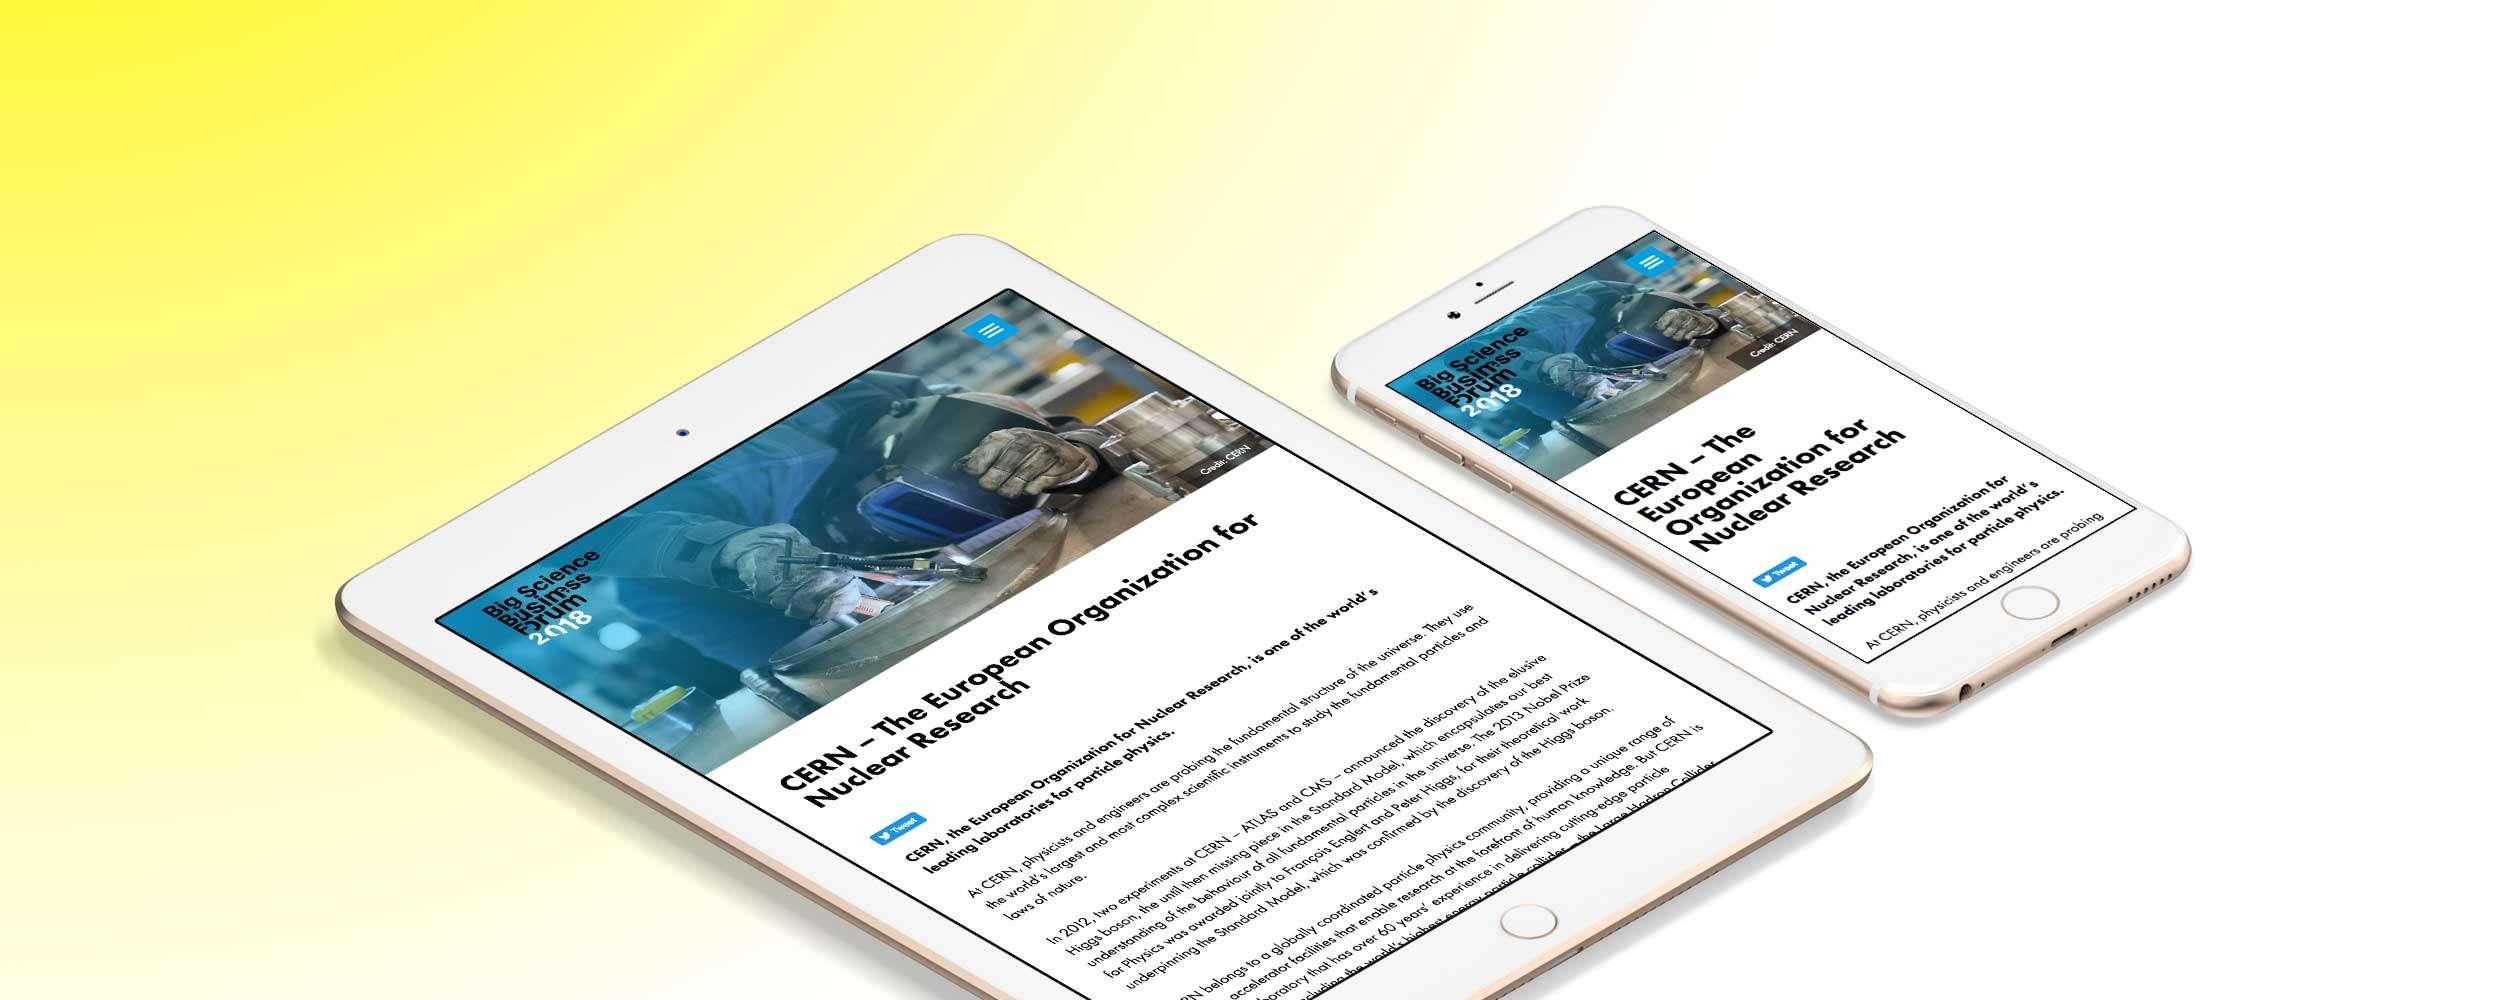 BSBF 2018 iPhone and iPad